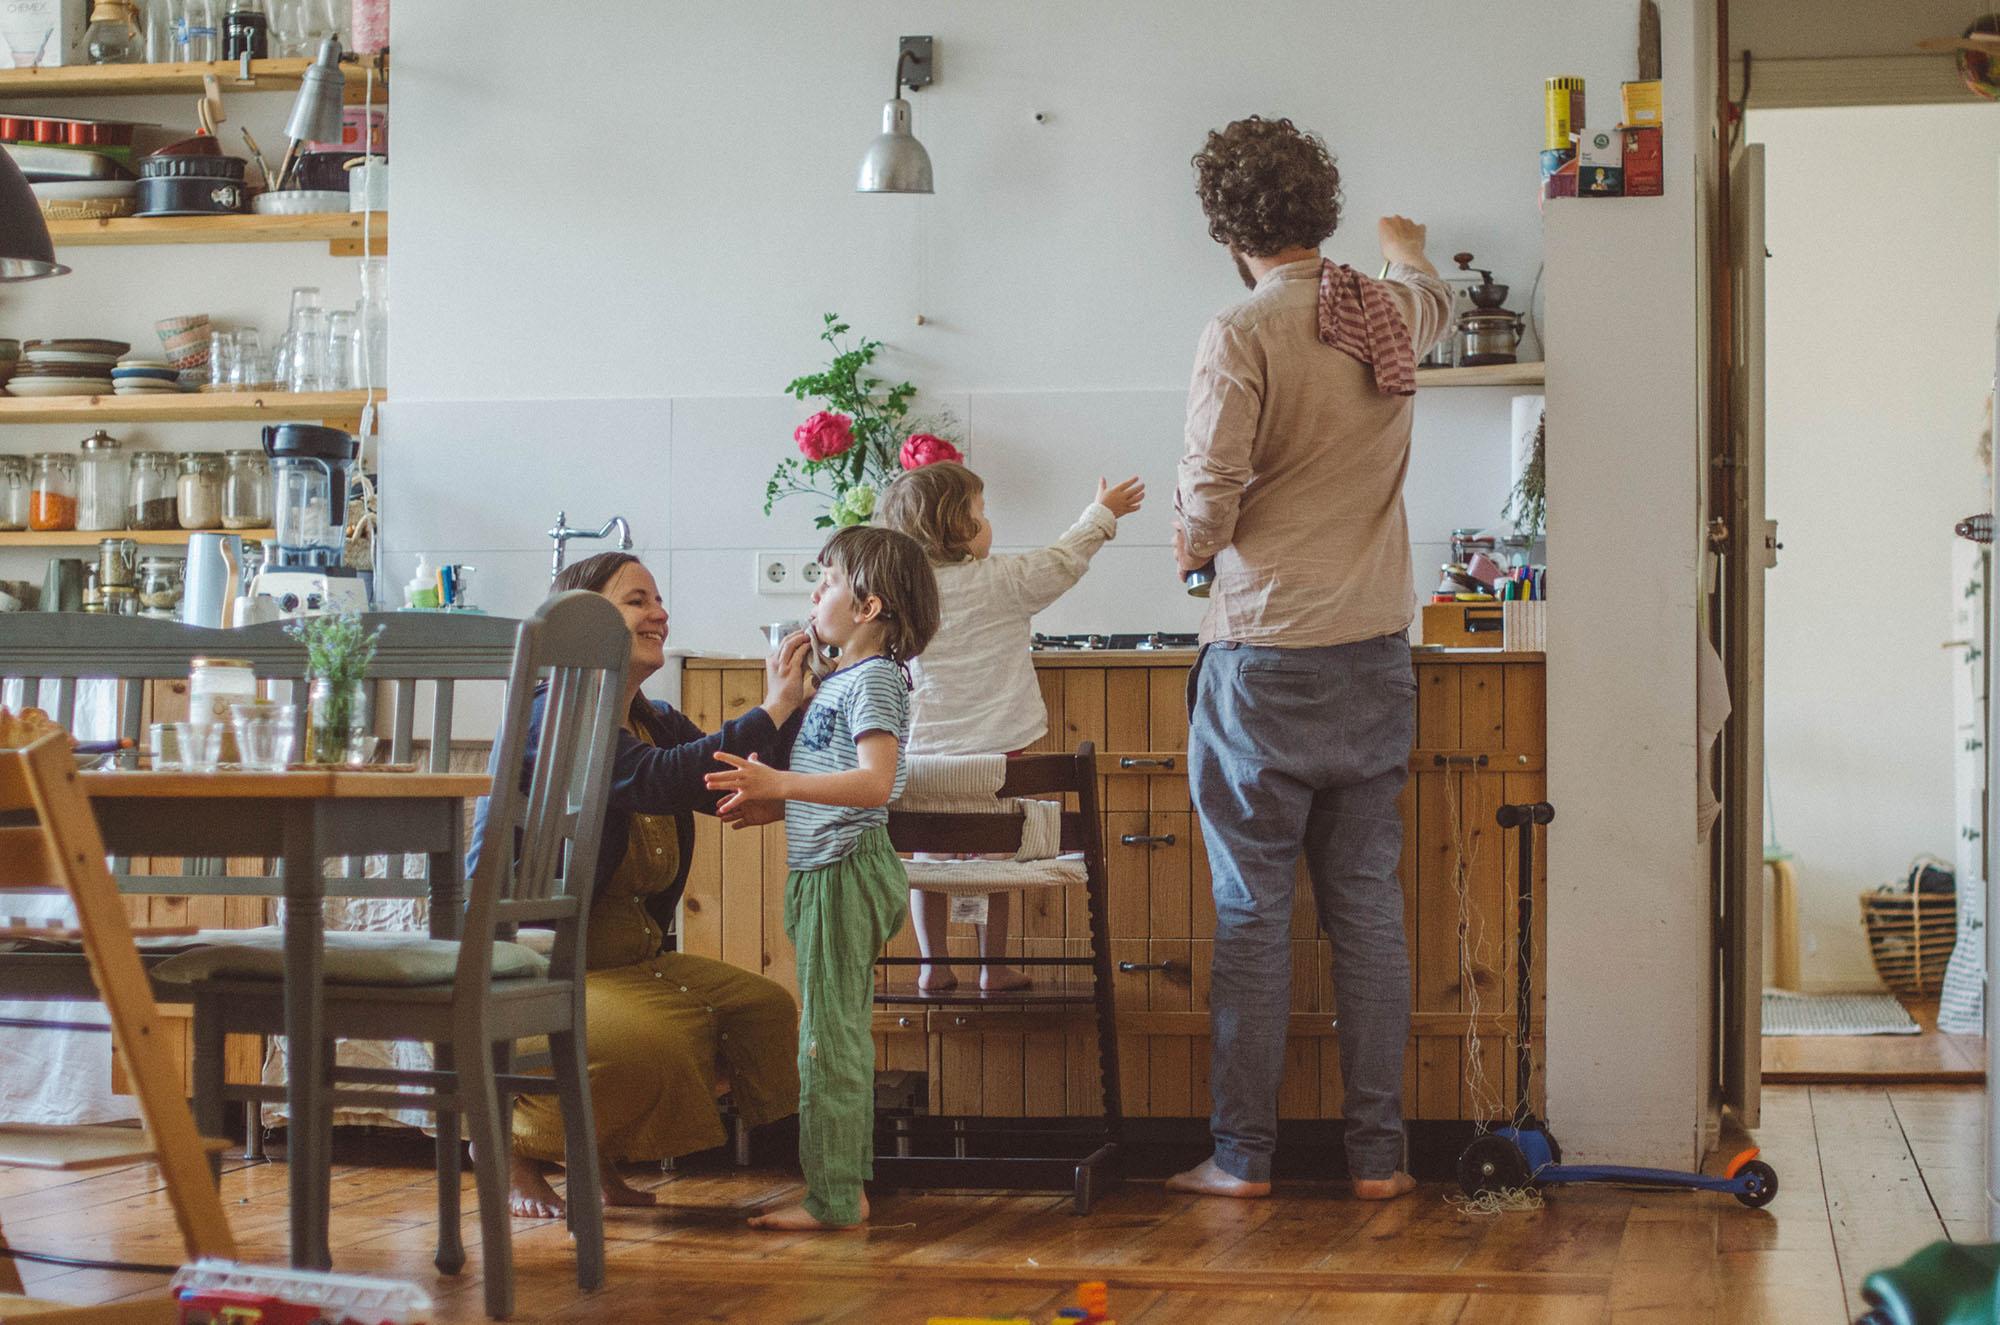 Natürliche Familienfotos Zuhause in der Küche, Fotograf in Basel